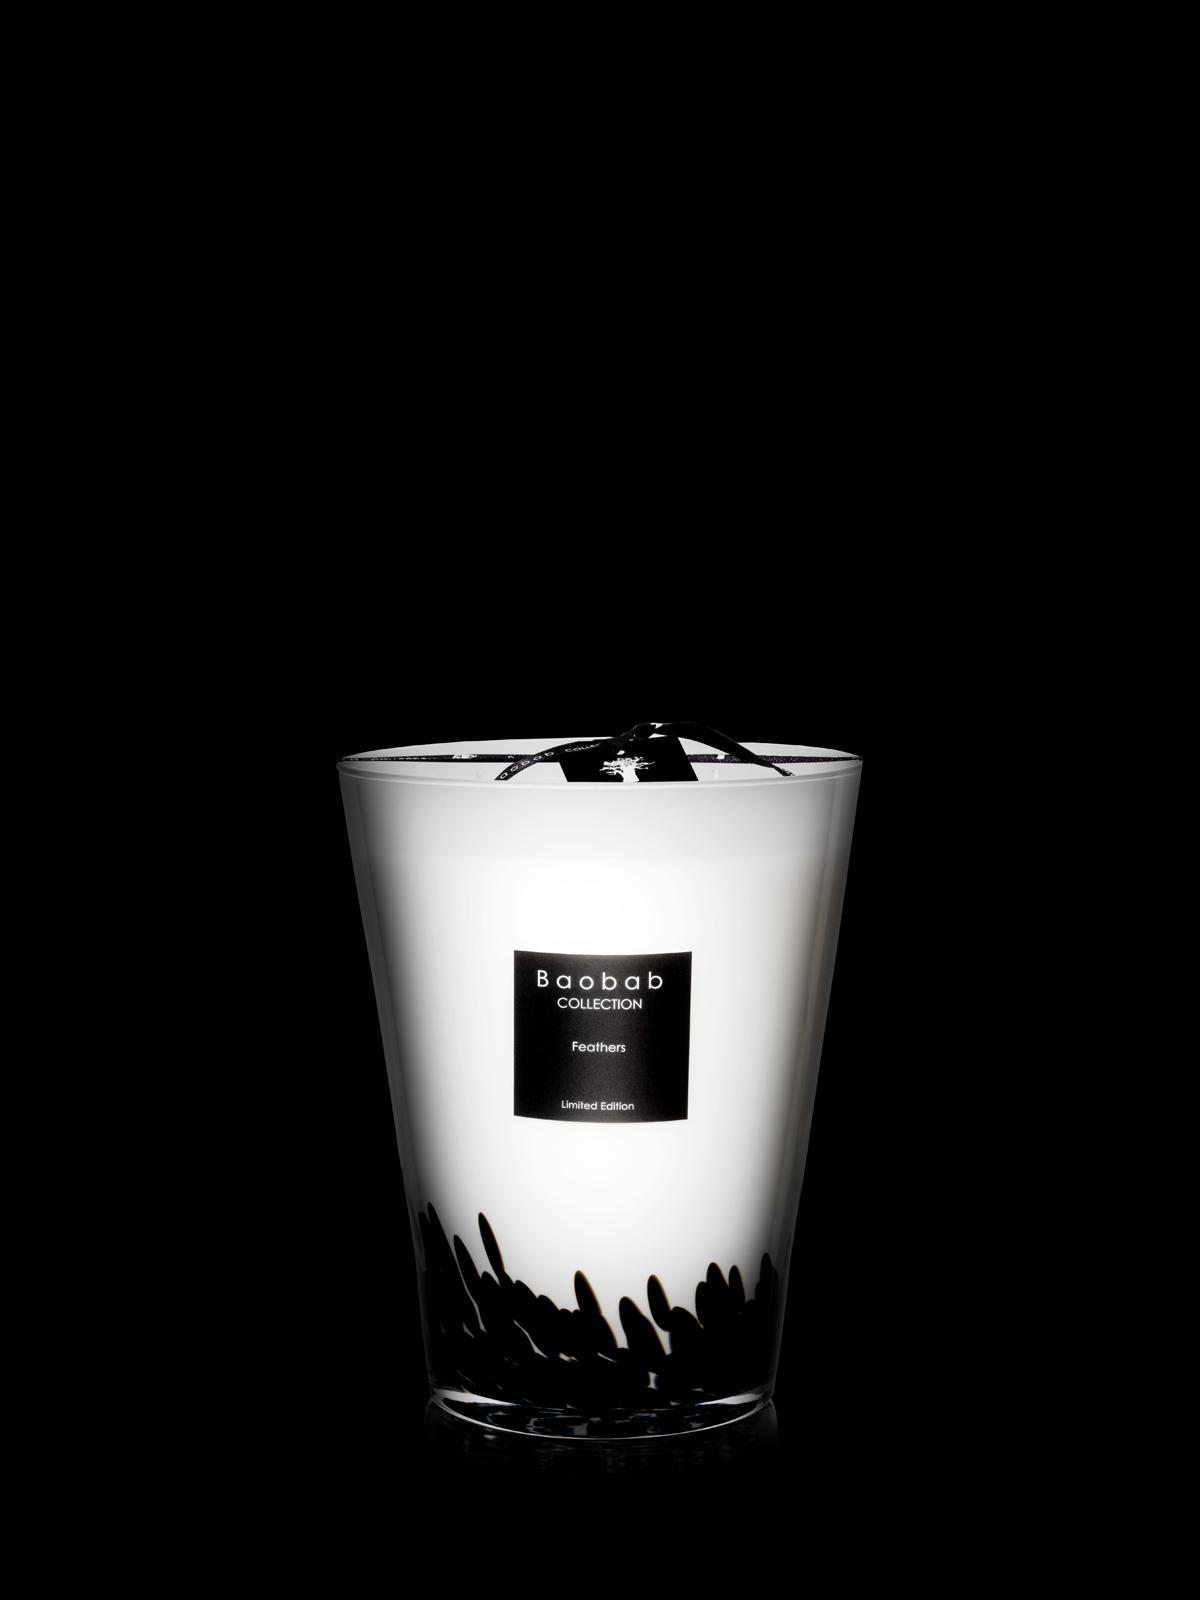 baobab duftkerze feathers black maxi max 7kg eur 405 00 ihr online shop f r. Black Bedroom Furniture Sets. Home Design Ideas